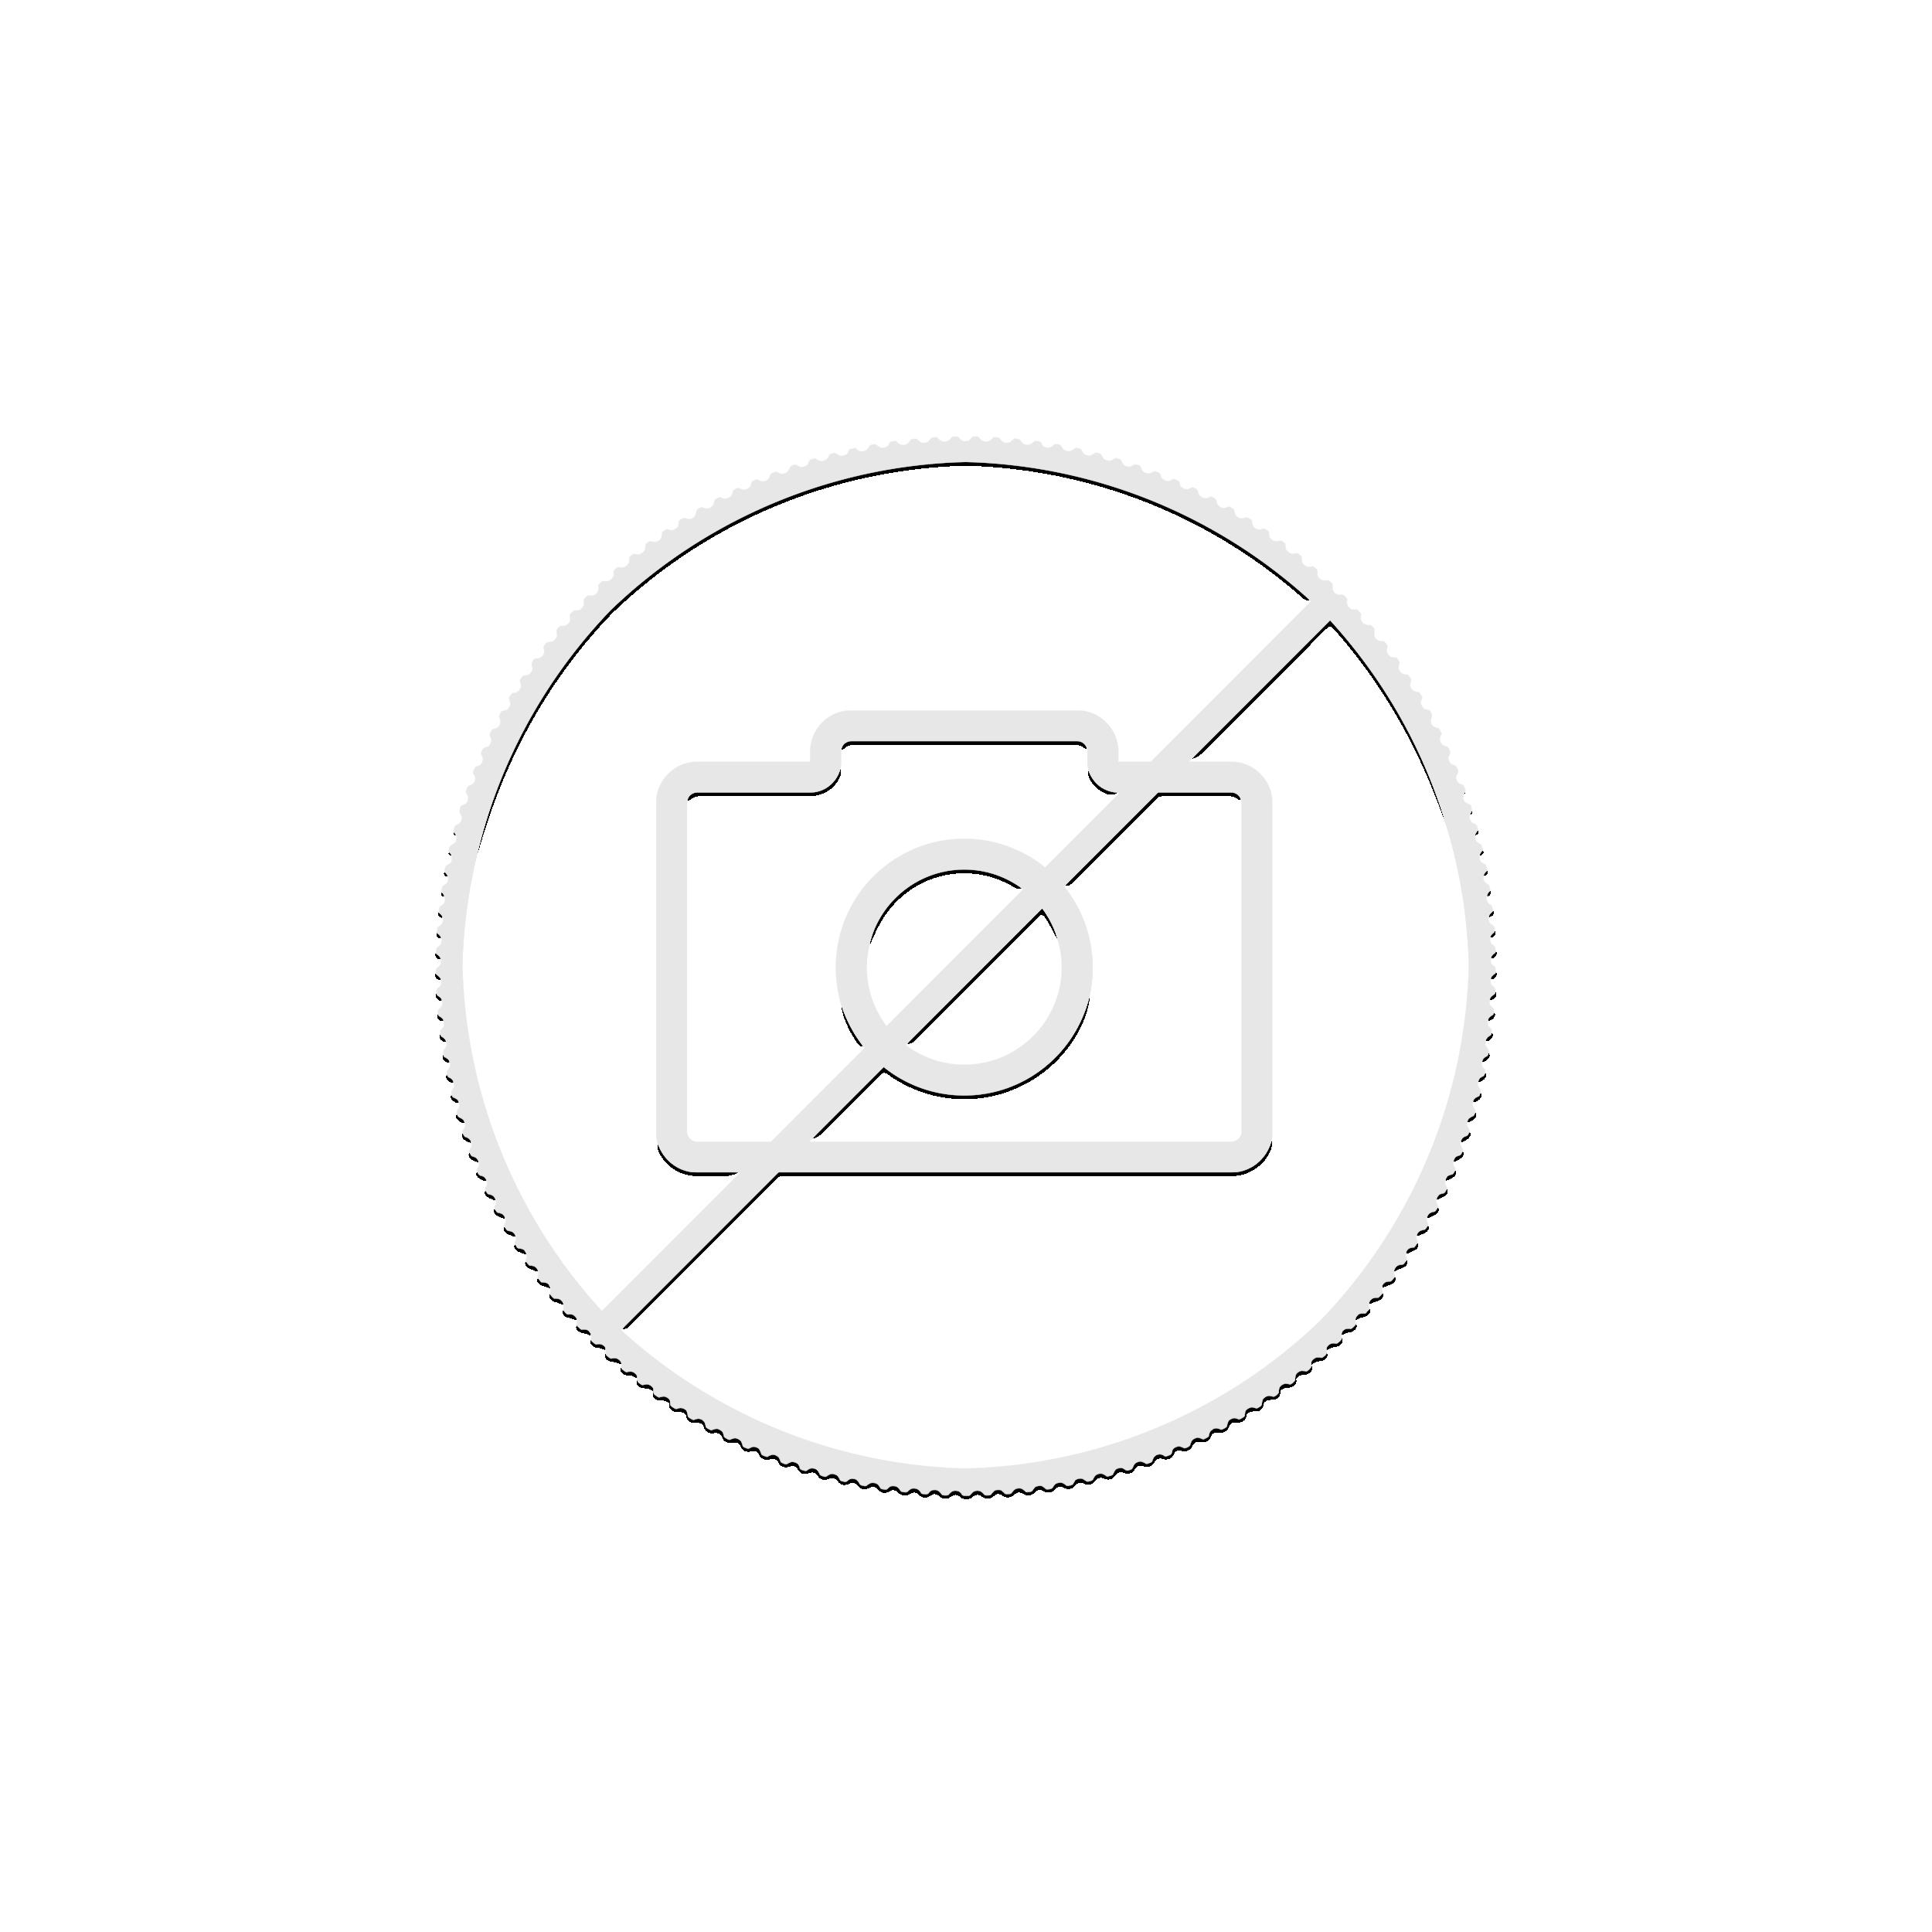 1/2 troy ounce gold coin Lunar 2021